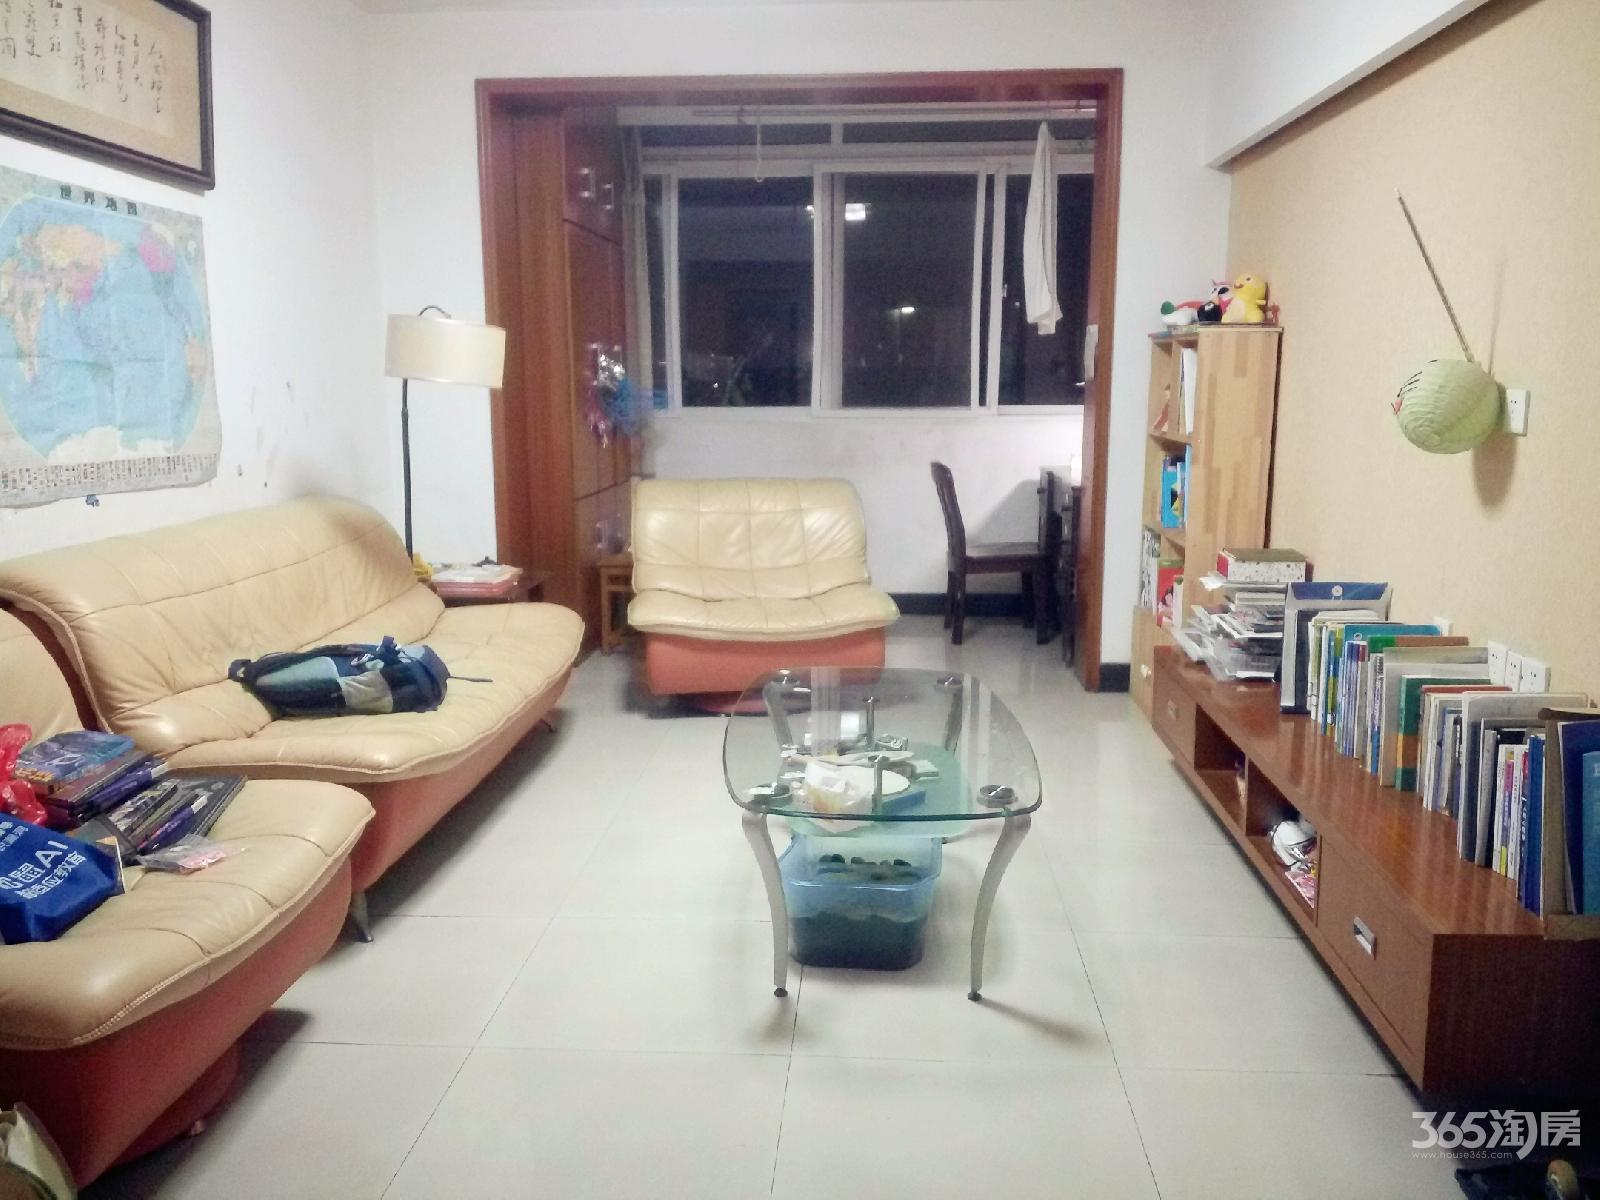 南师大茶苑3室2厅1卫带阁楼102.03平方产权房满五唯一